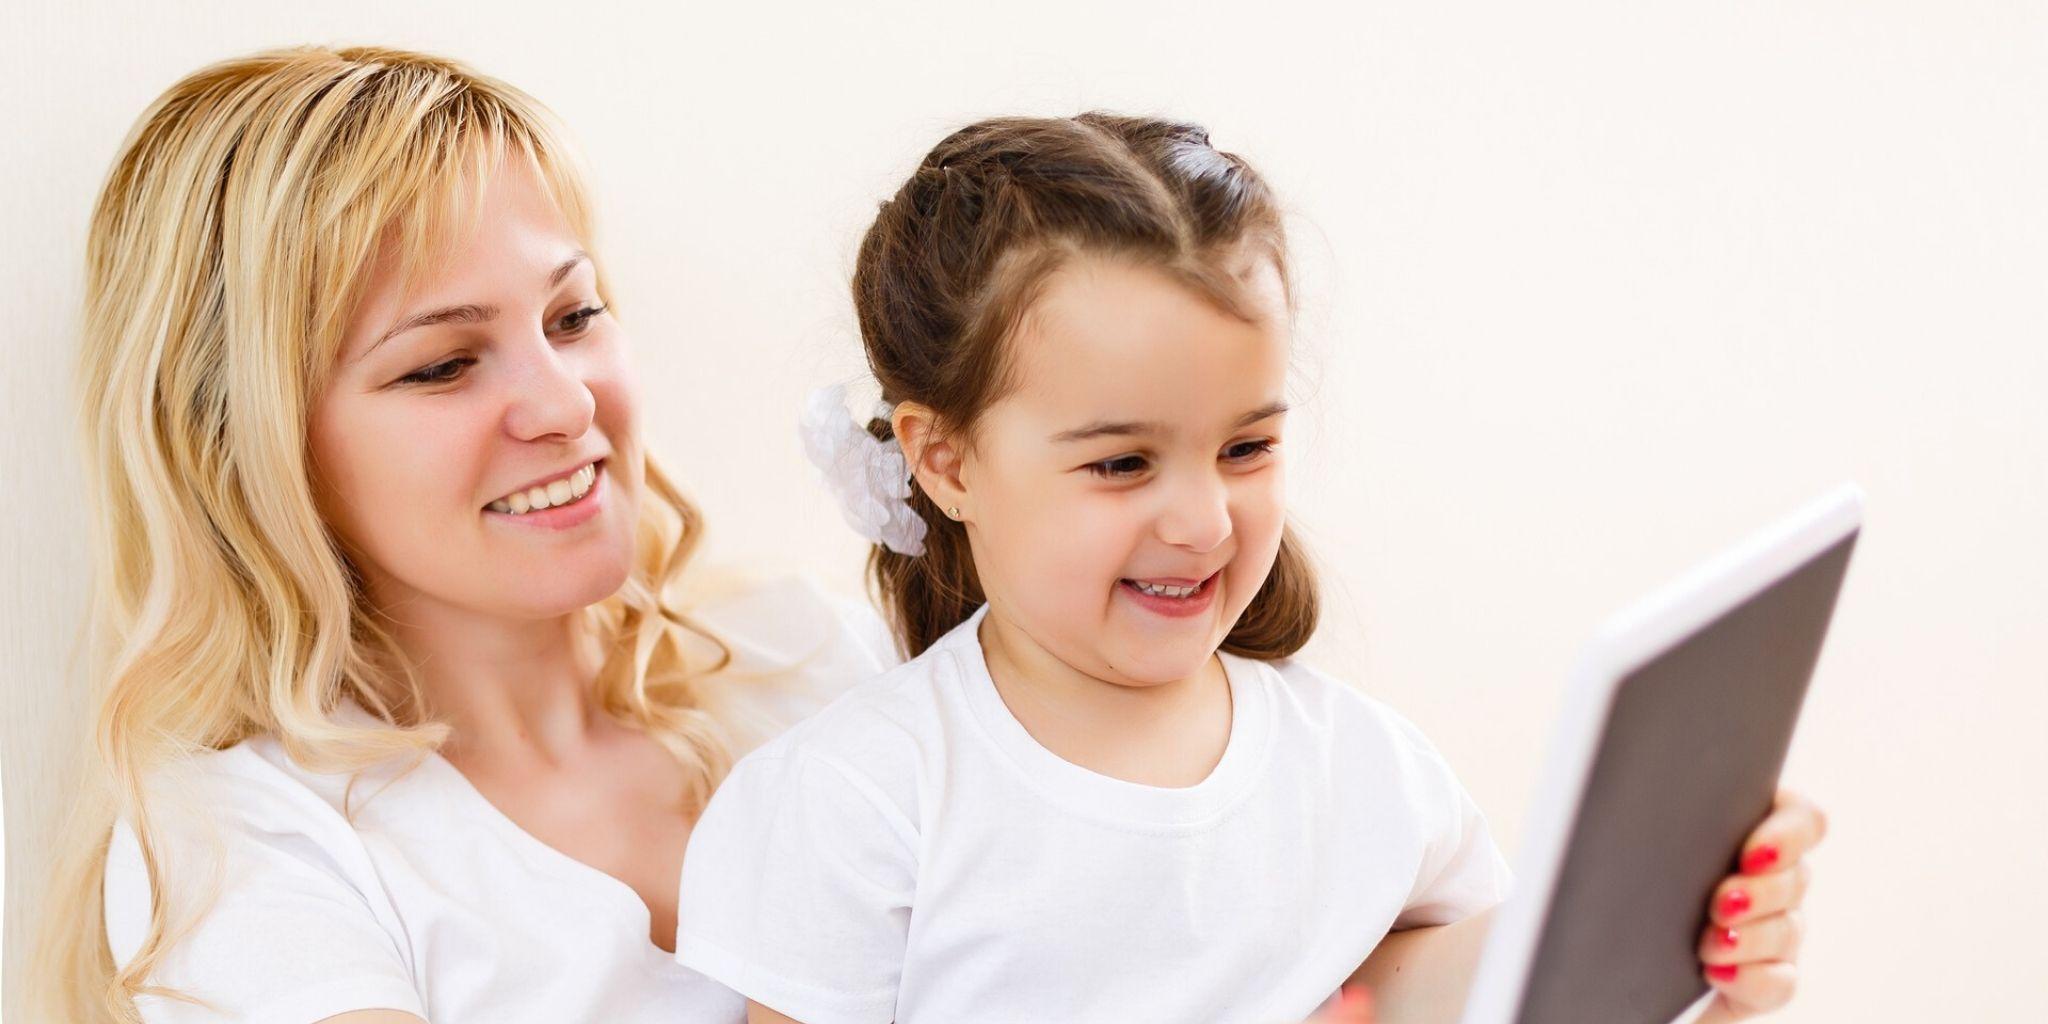 Az online biztonságról való tanítás gyermekeknek